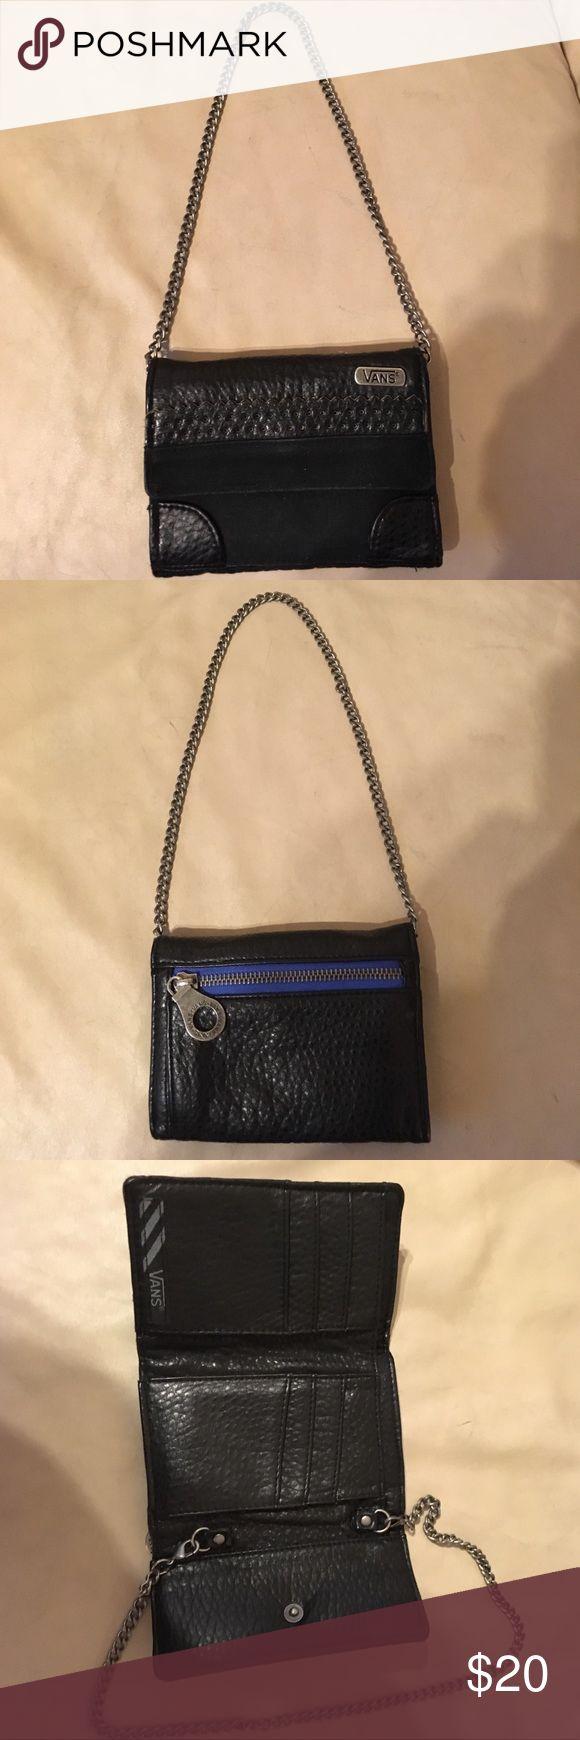 """VANS Zip Clutch Wallet with Chain VANS Black clutch wallet with chain. Approx. 5"""" x 4"""" snap closure. VANS Bags Wallets"""